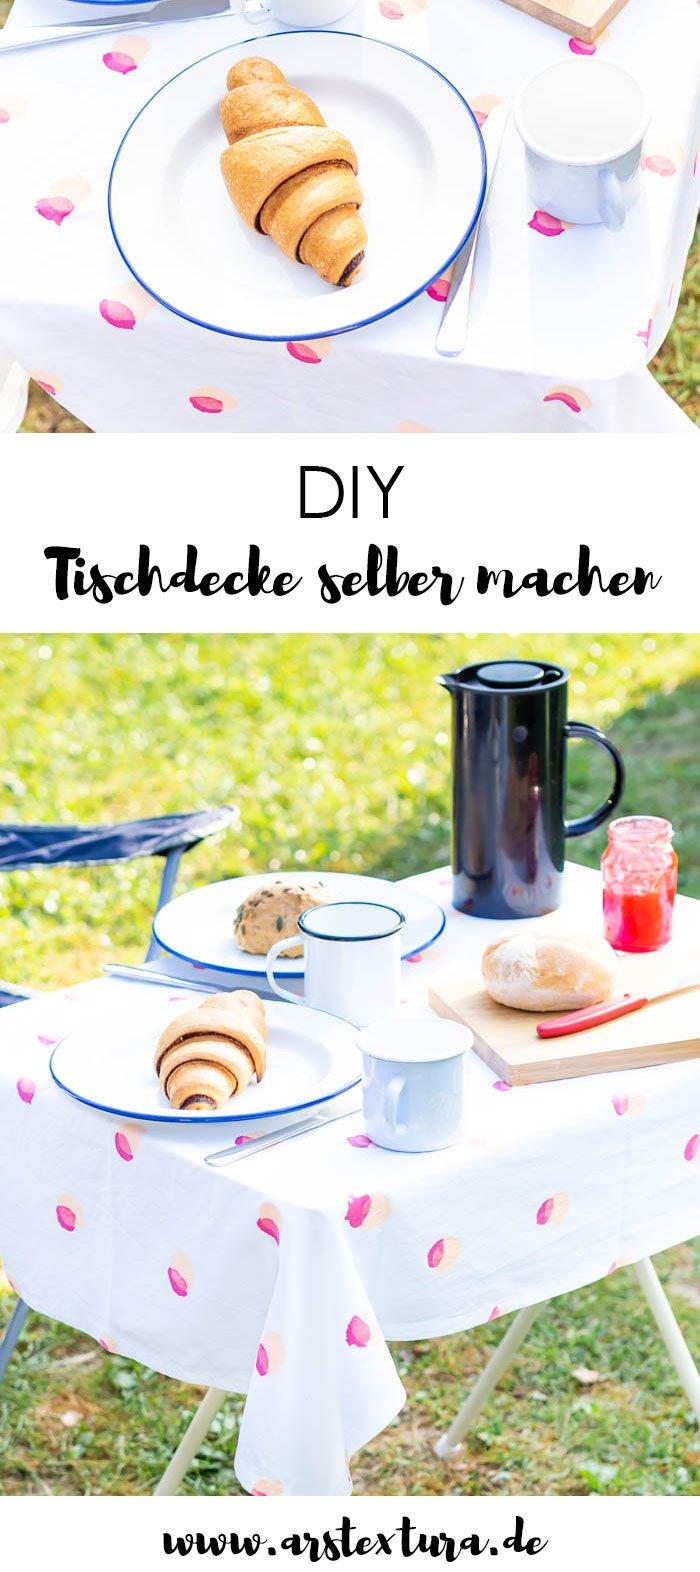 DIY Tischdecke selber machen: eine tolle Tischdeko für den Sommer | ars textura - DIY-Blog